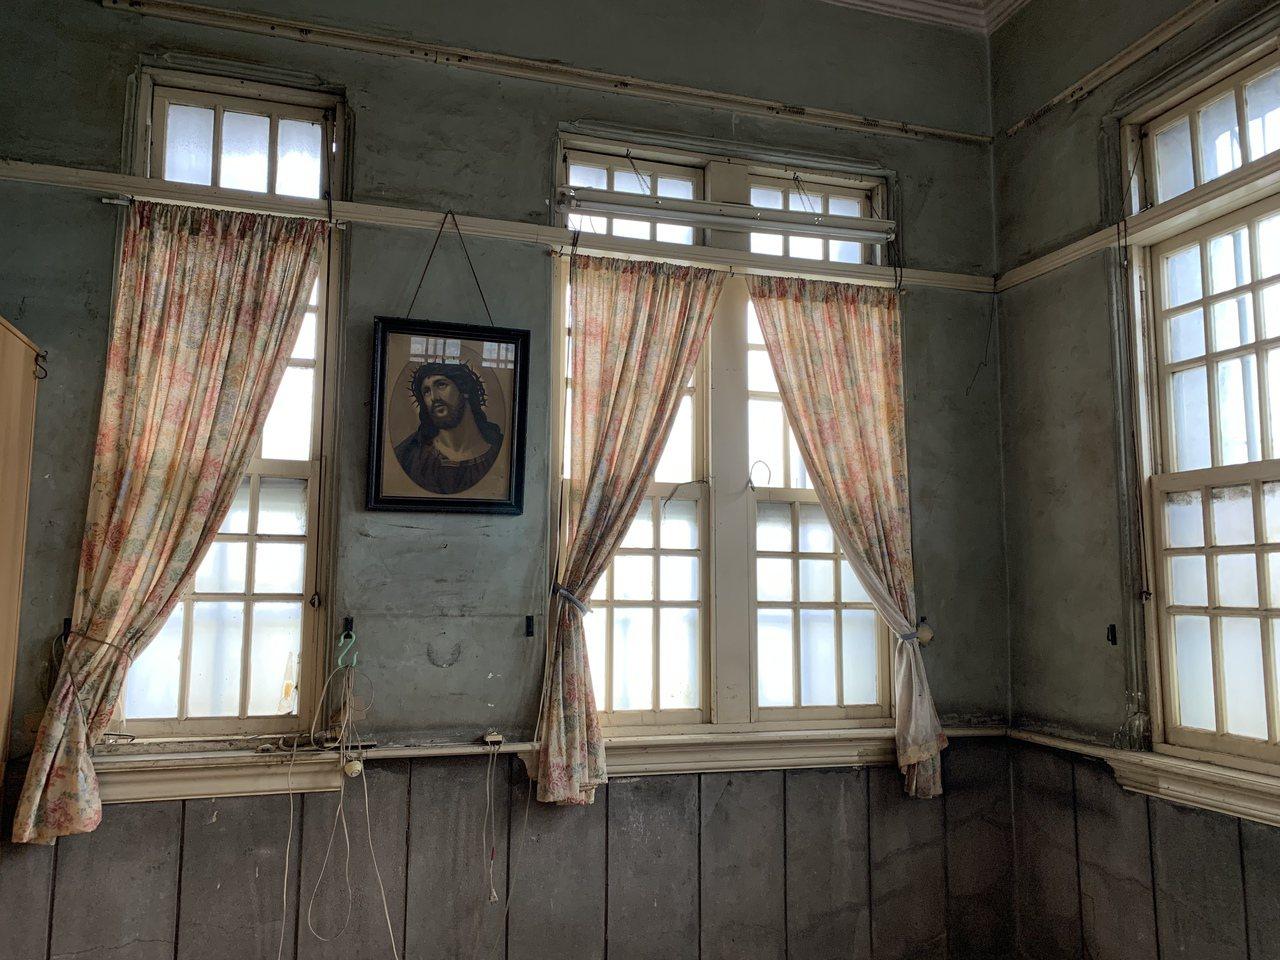 有近百年歷史的屏東市萬年溪畔李宅,當初是李明道先生為愛女興建,父愛深情讓古宅特別...